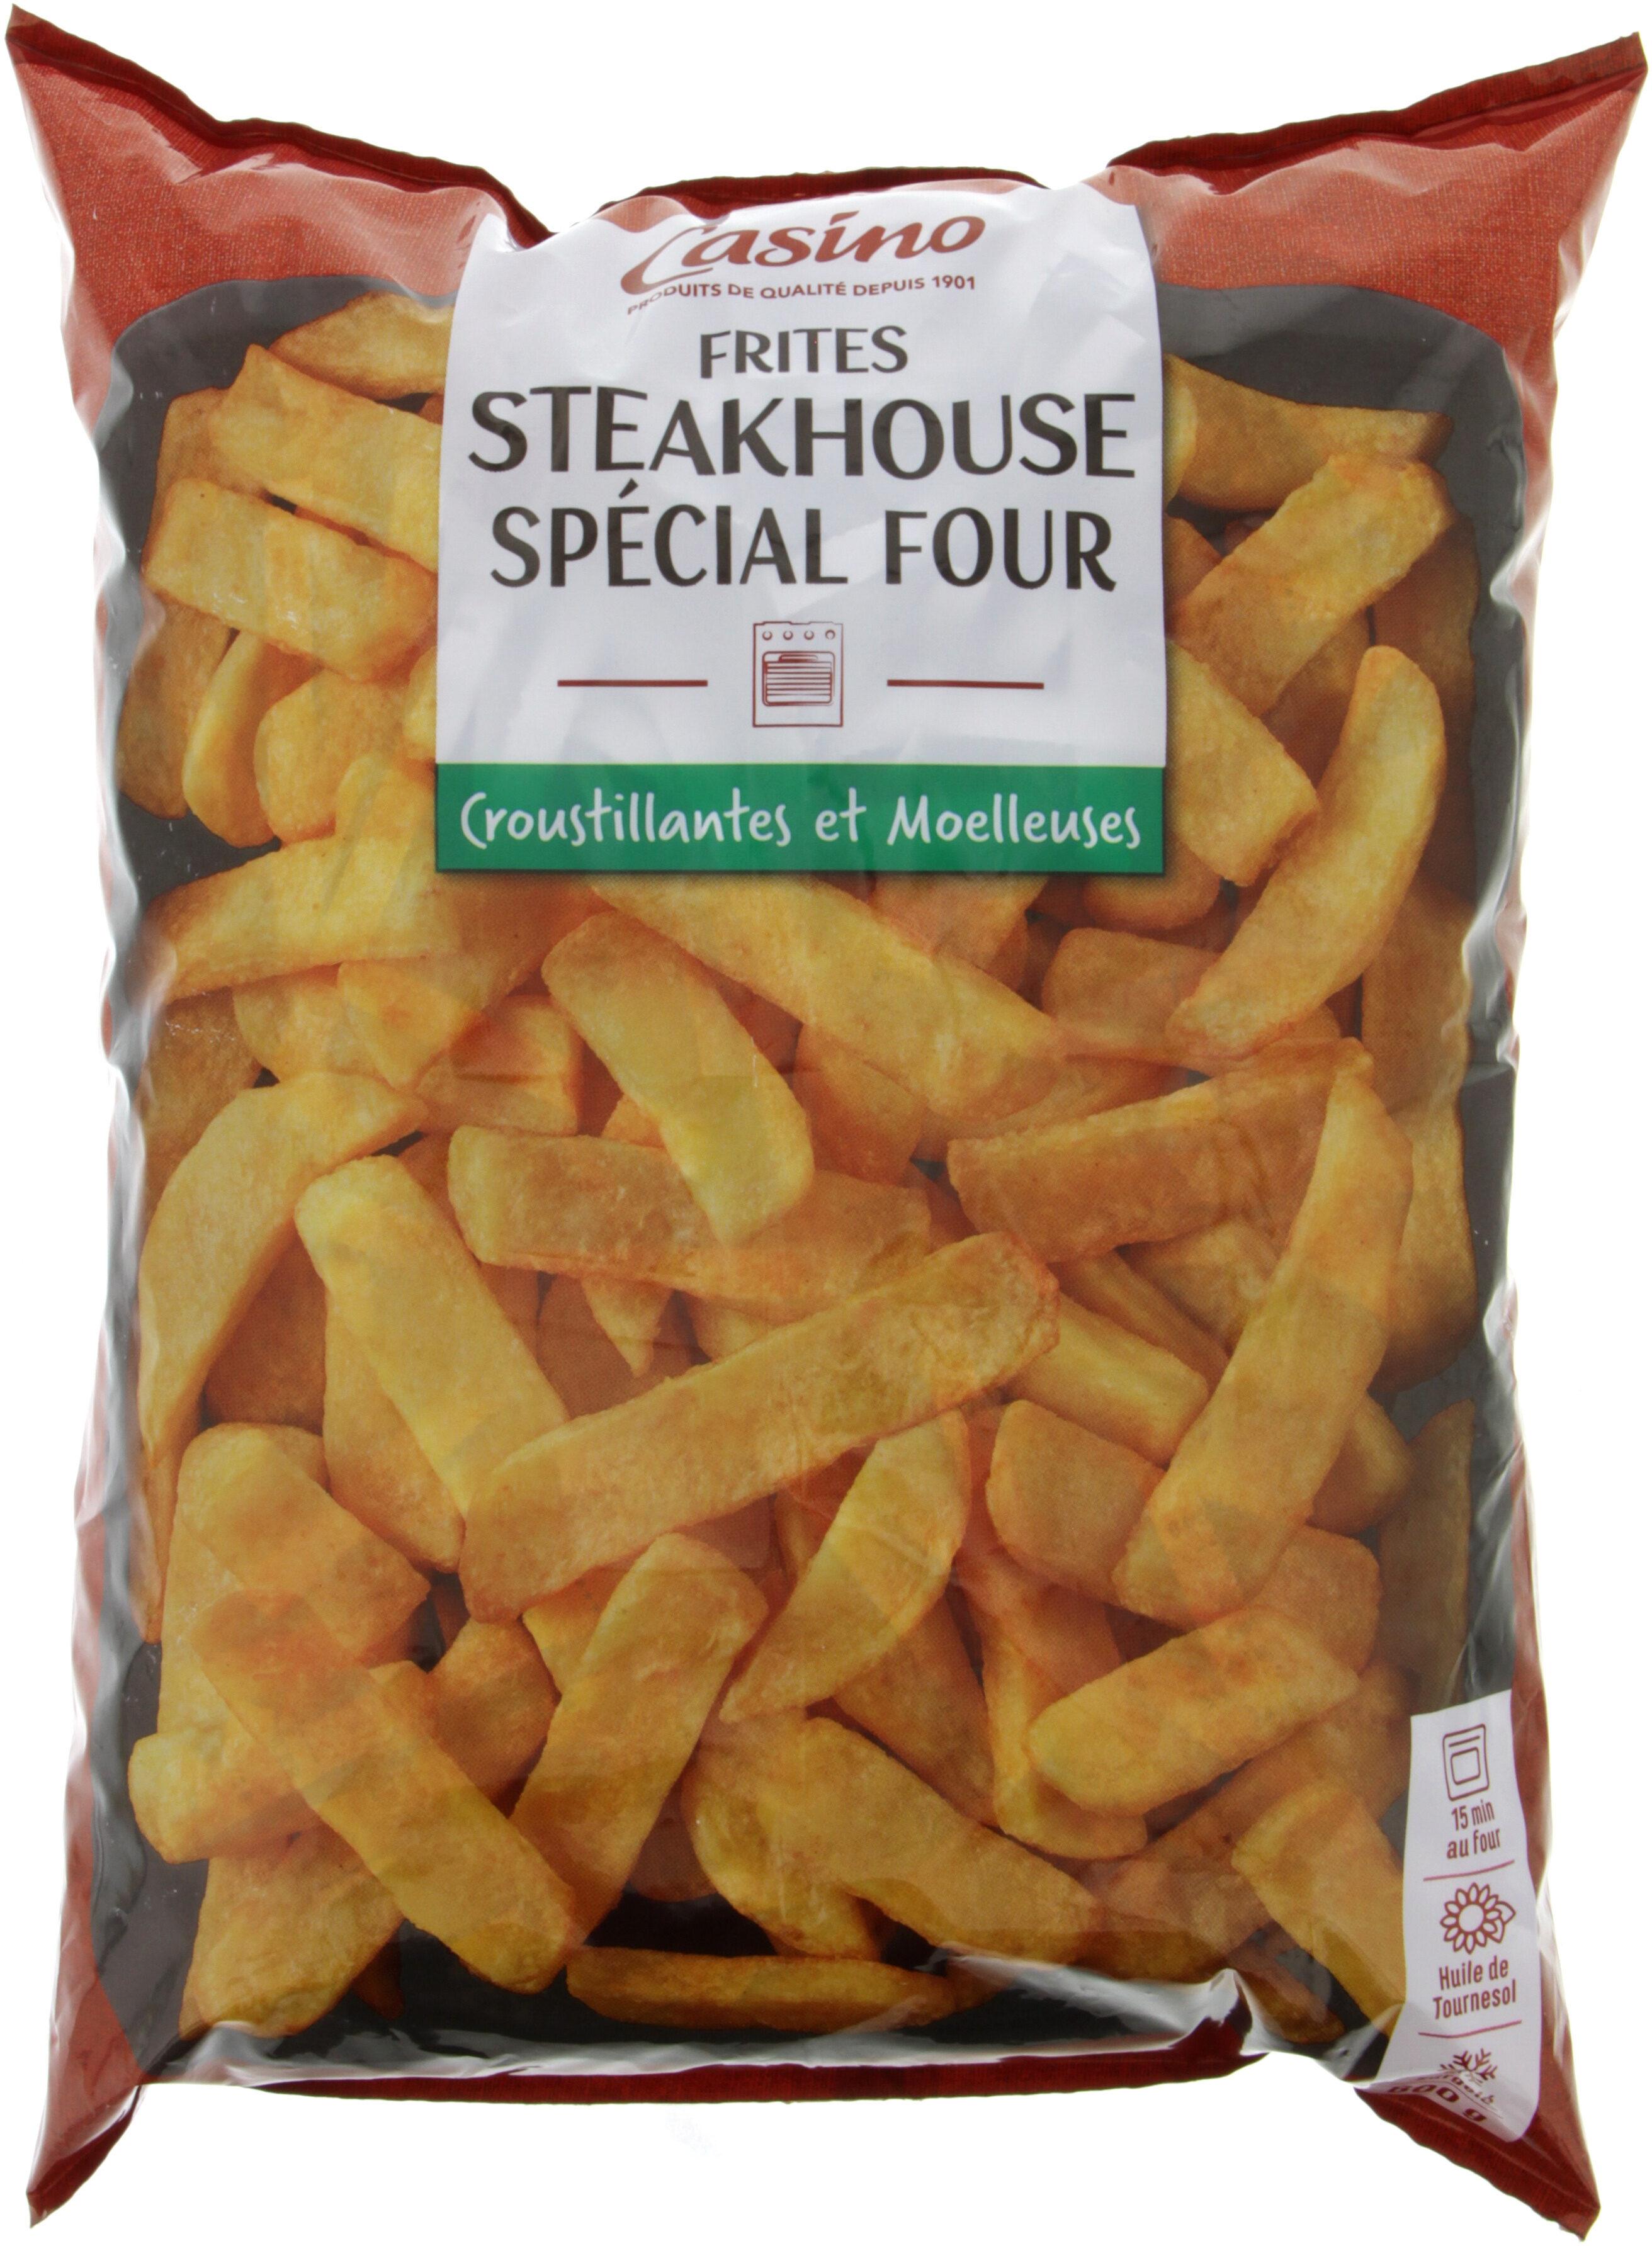 Frites steackhouse spécial four - Produit